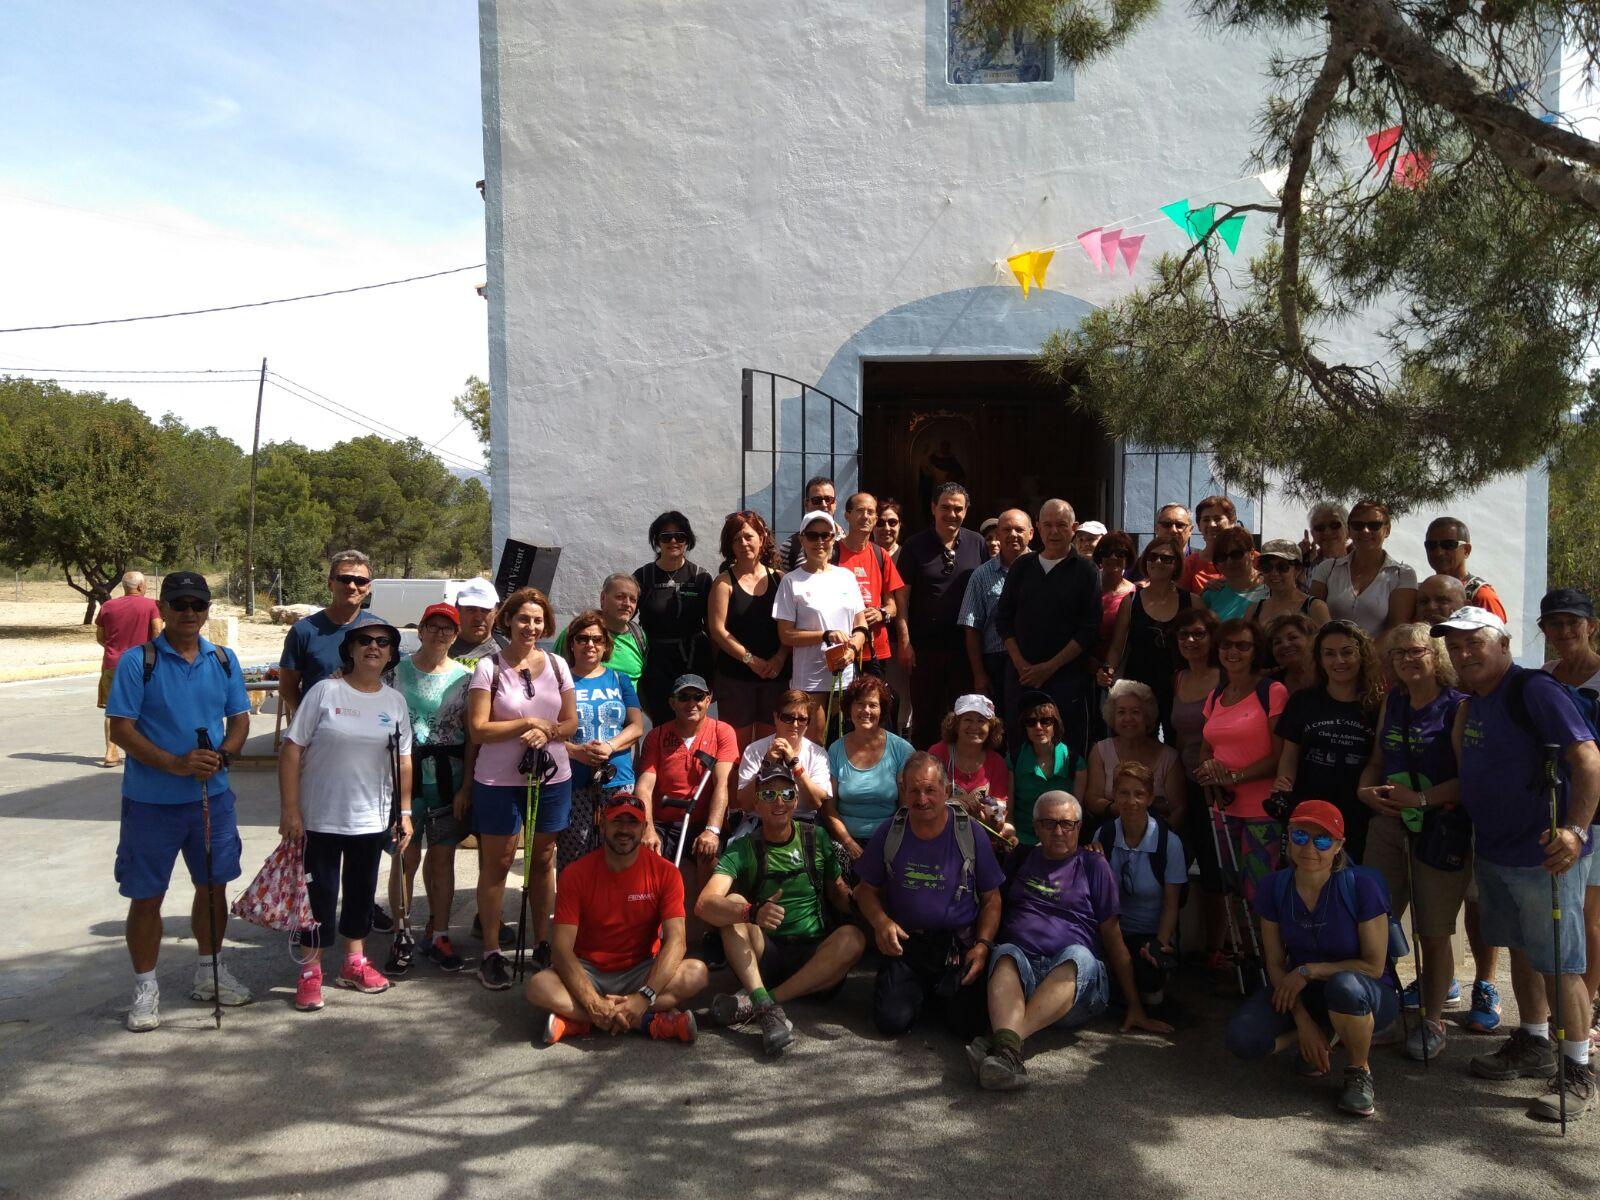 50 Personas participaron en la Caminata Verde incluida en el programa de actividades del año saludable .